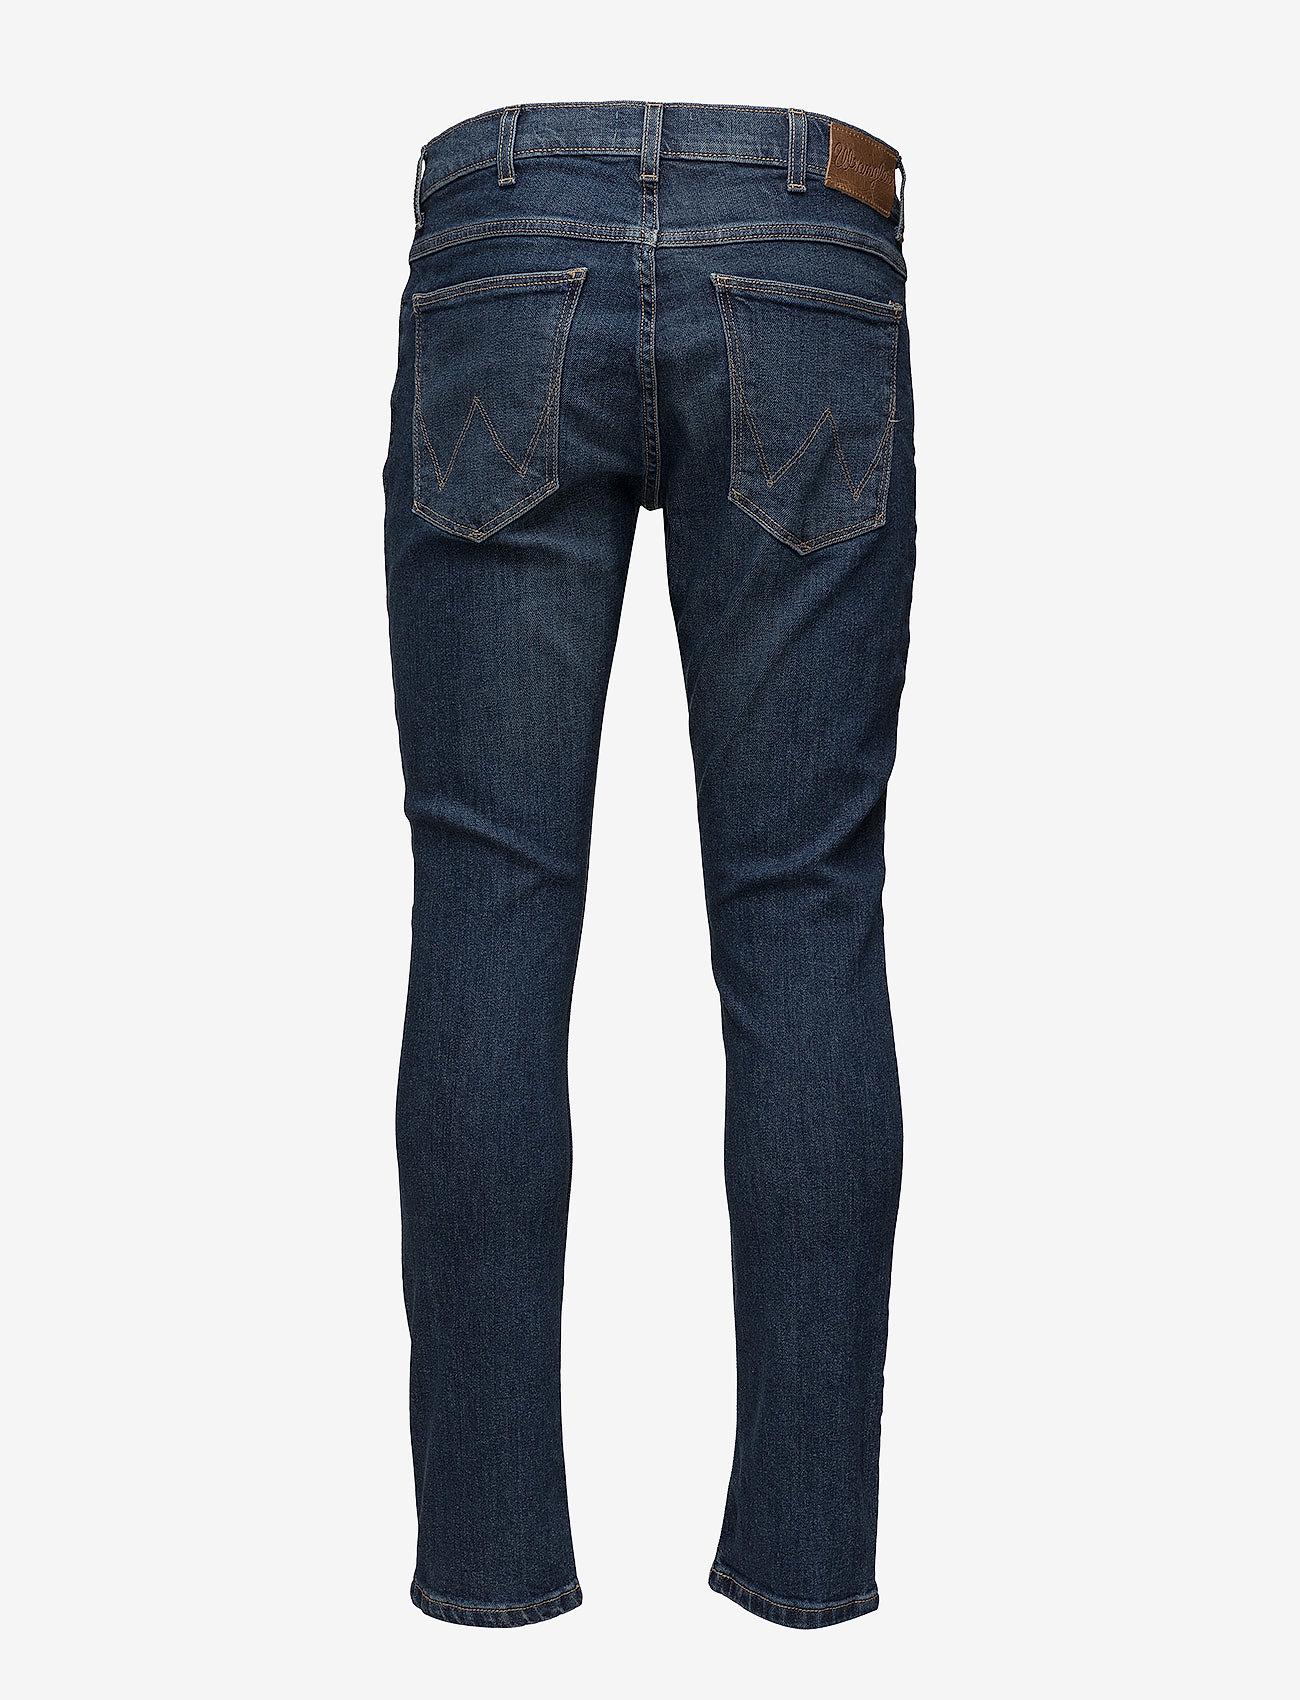 Wrangler Larston - Jeans Indigo Wit